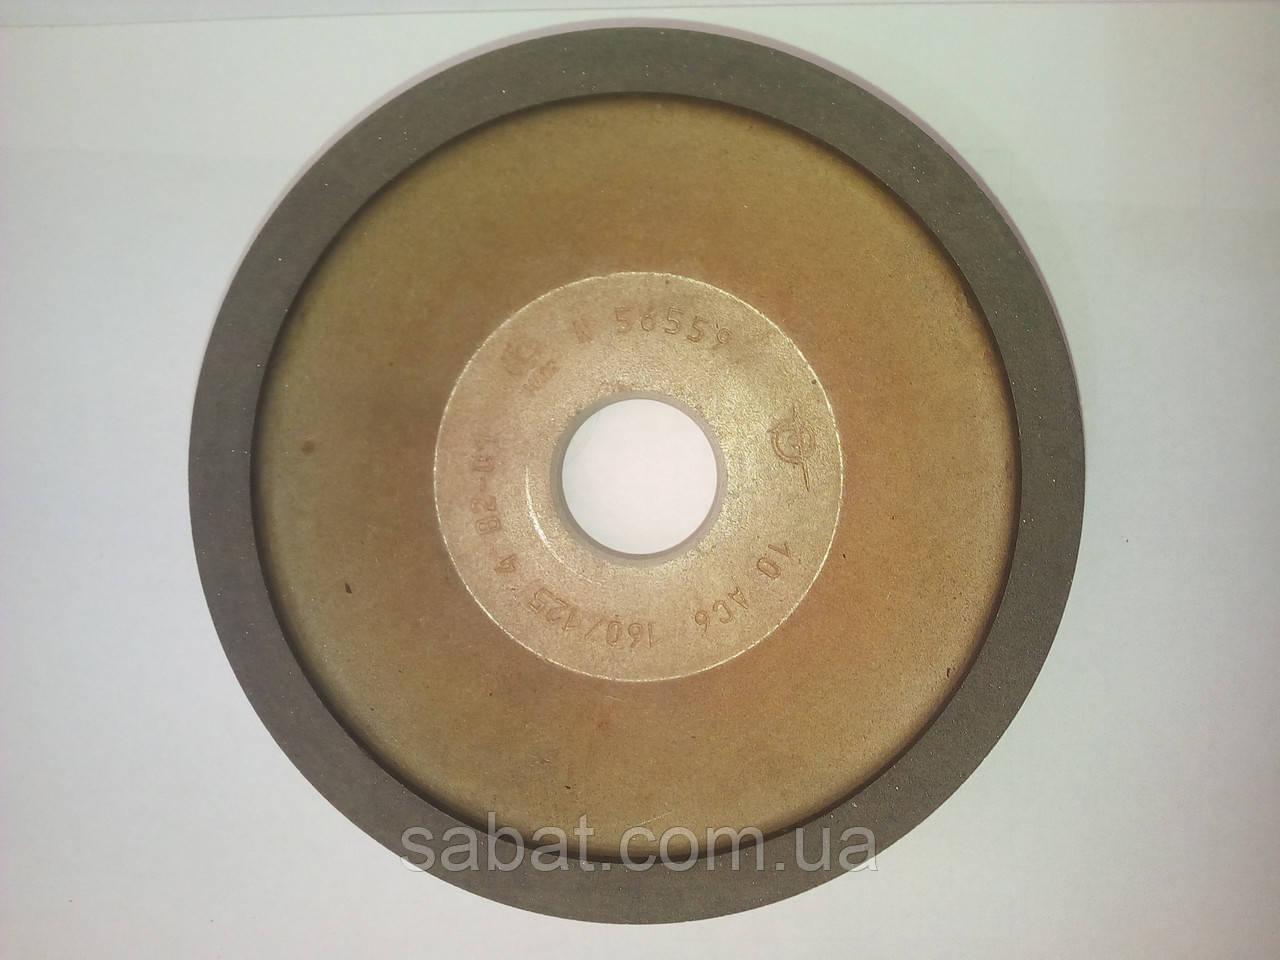 Круг алмазный чашка АЧК 12А2-45 150х20х3х40х32 100% концентрация алмаза